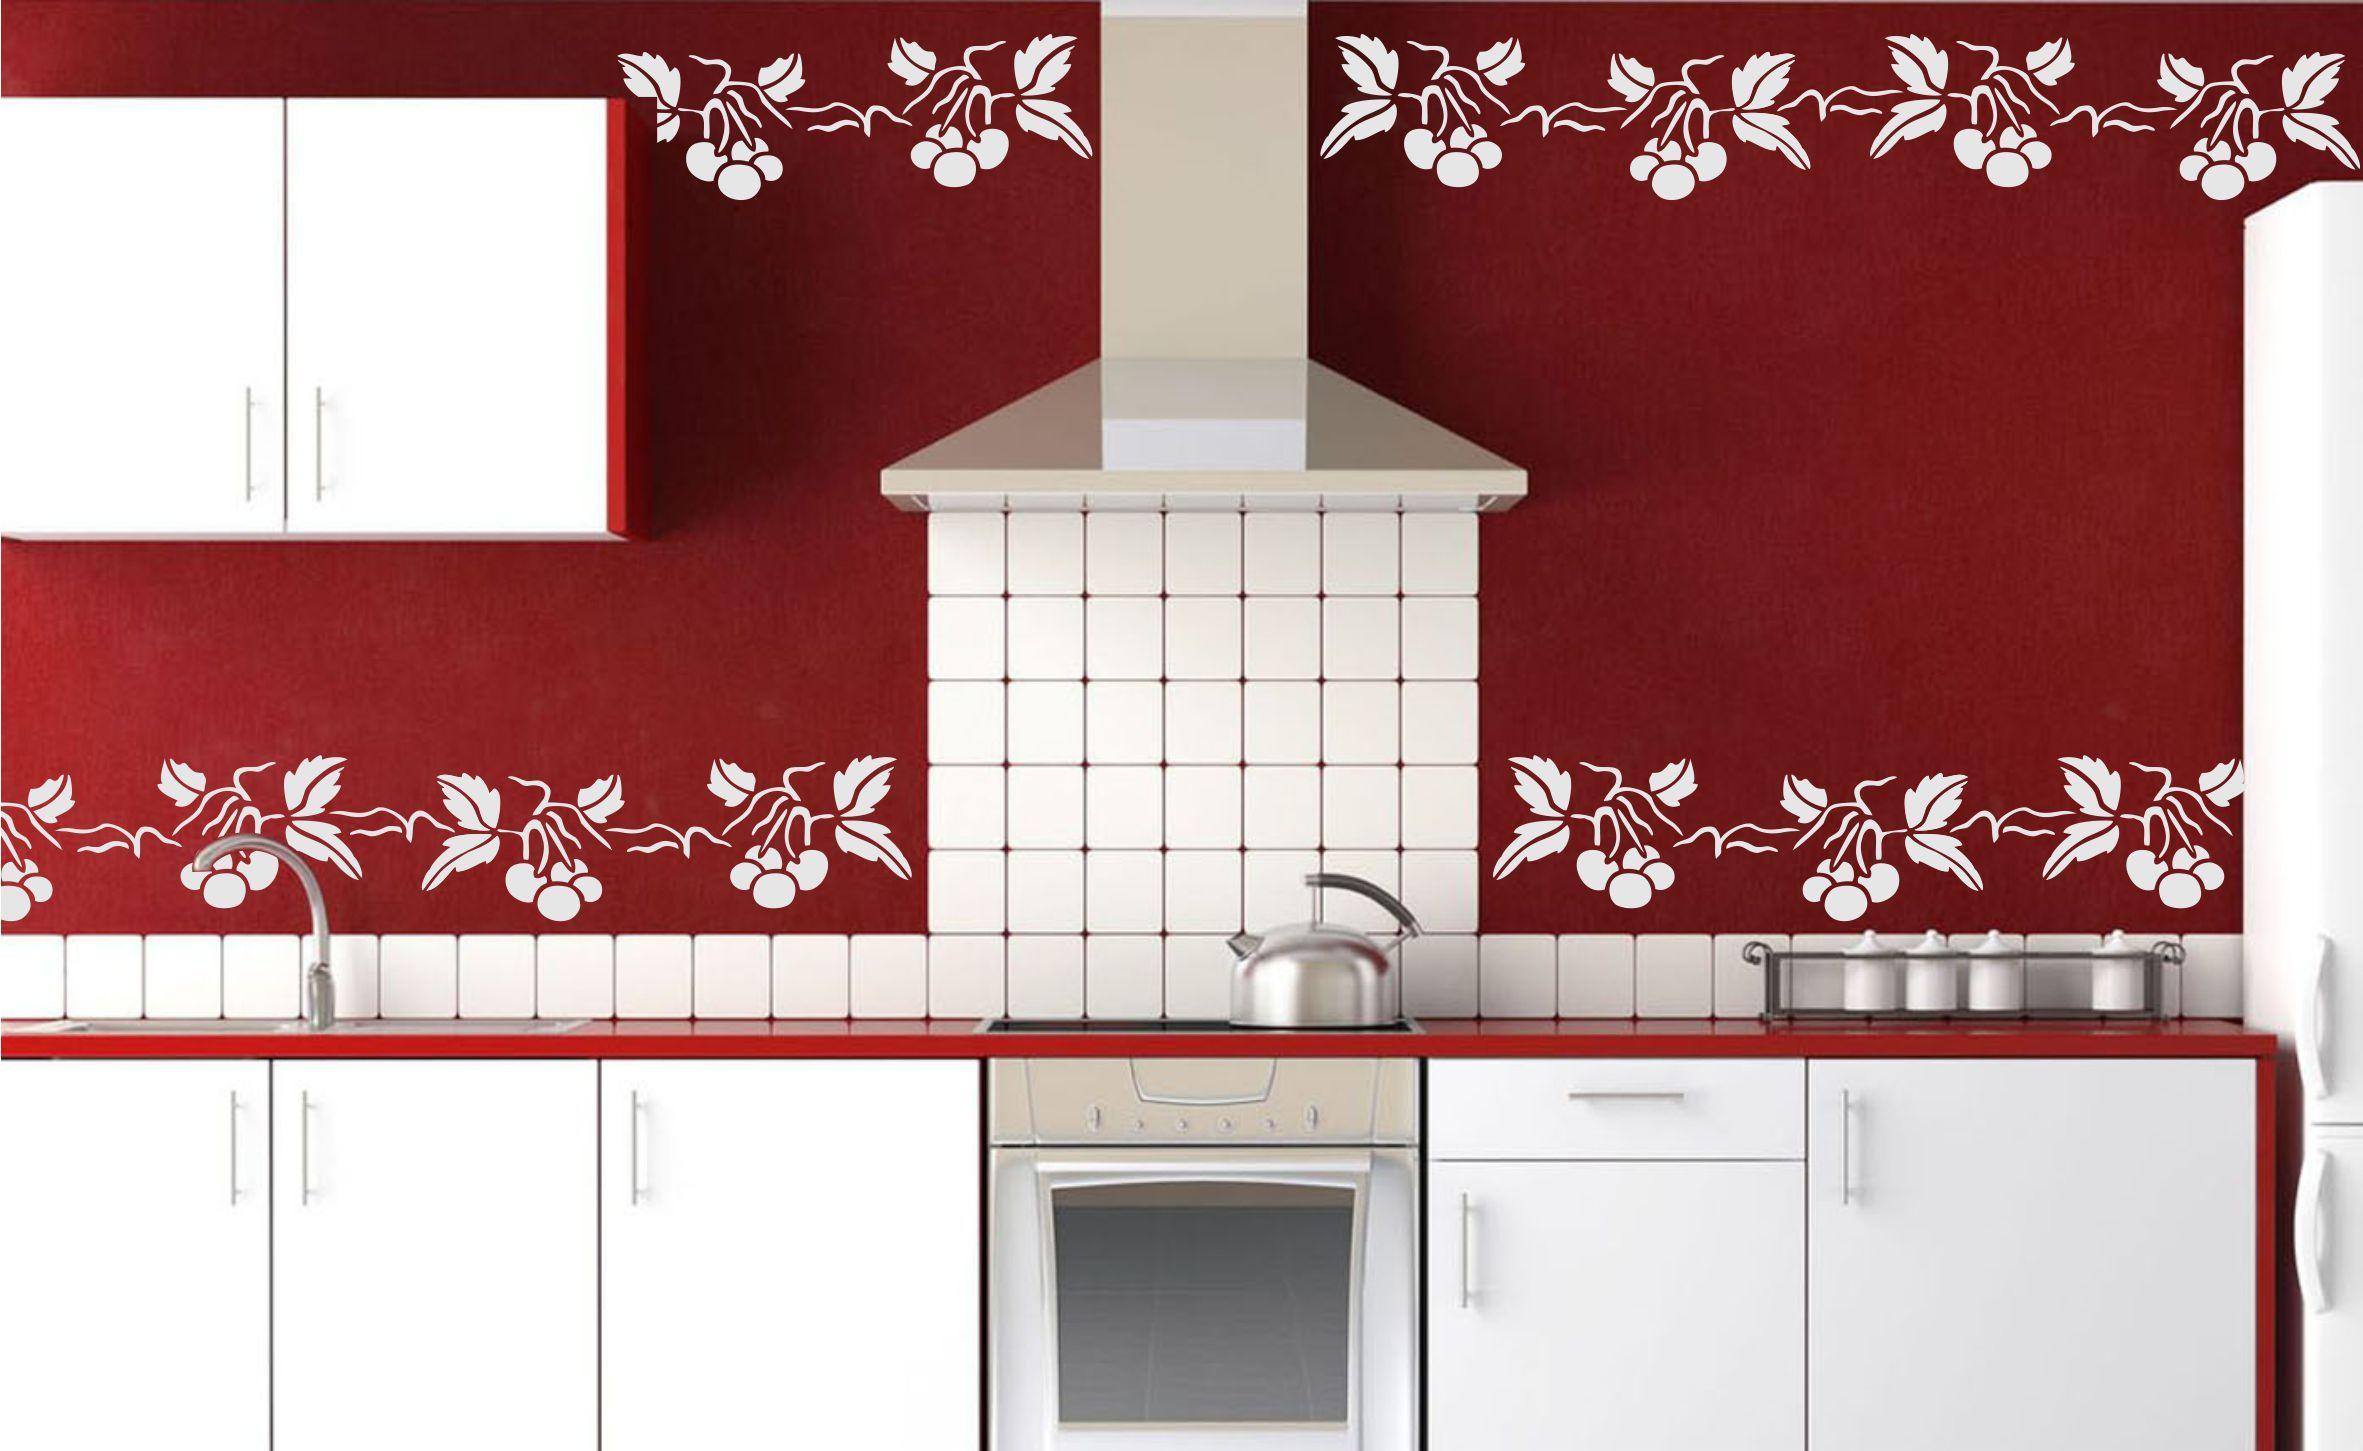 Cherry Border Stencil Http Www Amazon Com Dp B01hdoat9w M A1seuoz4t4hcbd Kitchen Cabinets Home Decor Decor